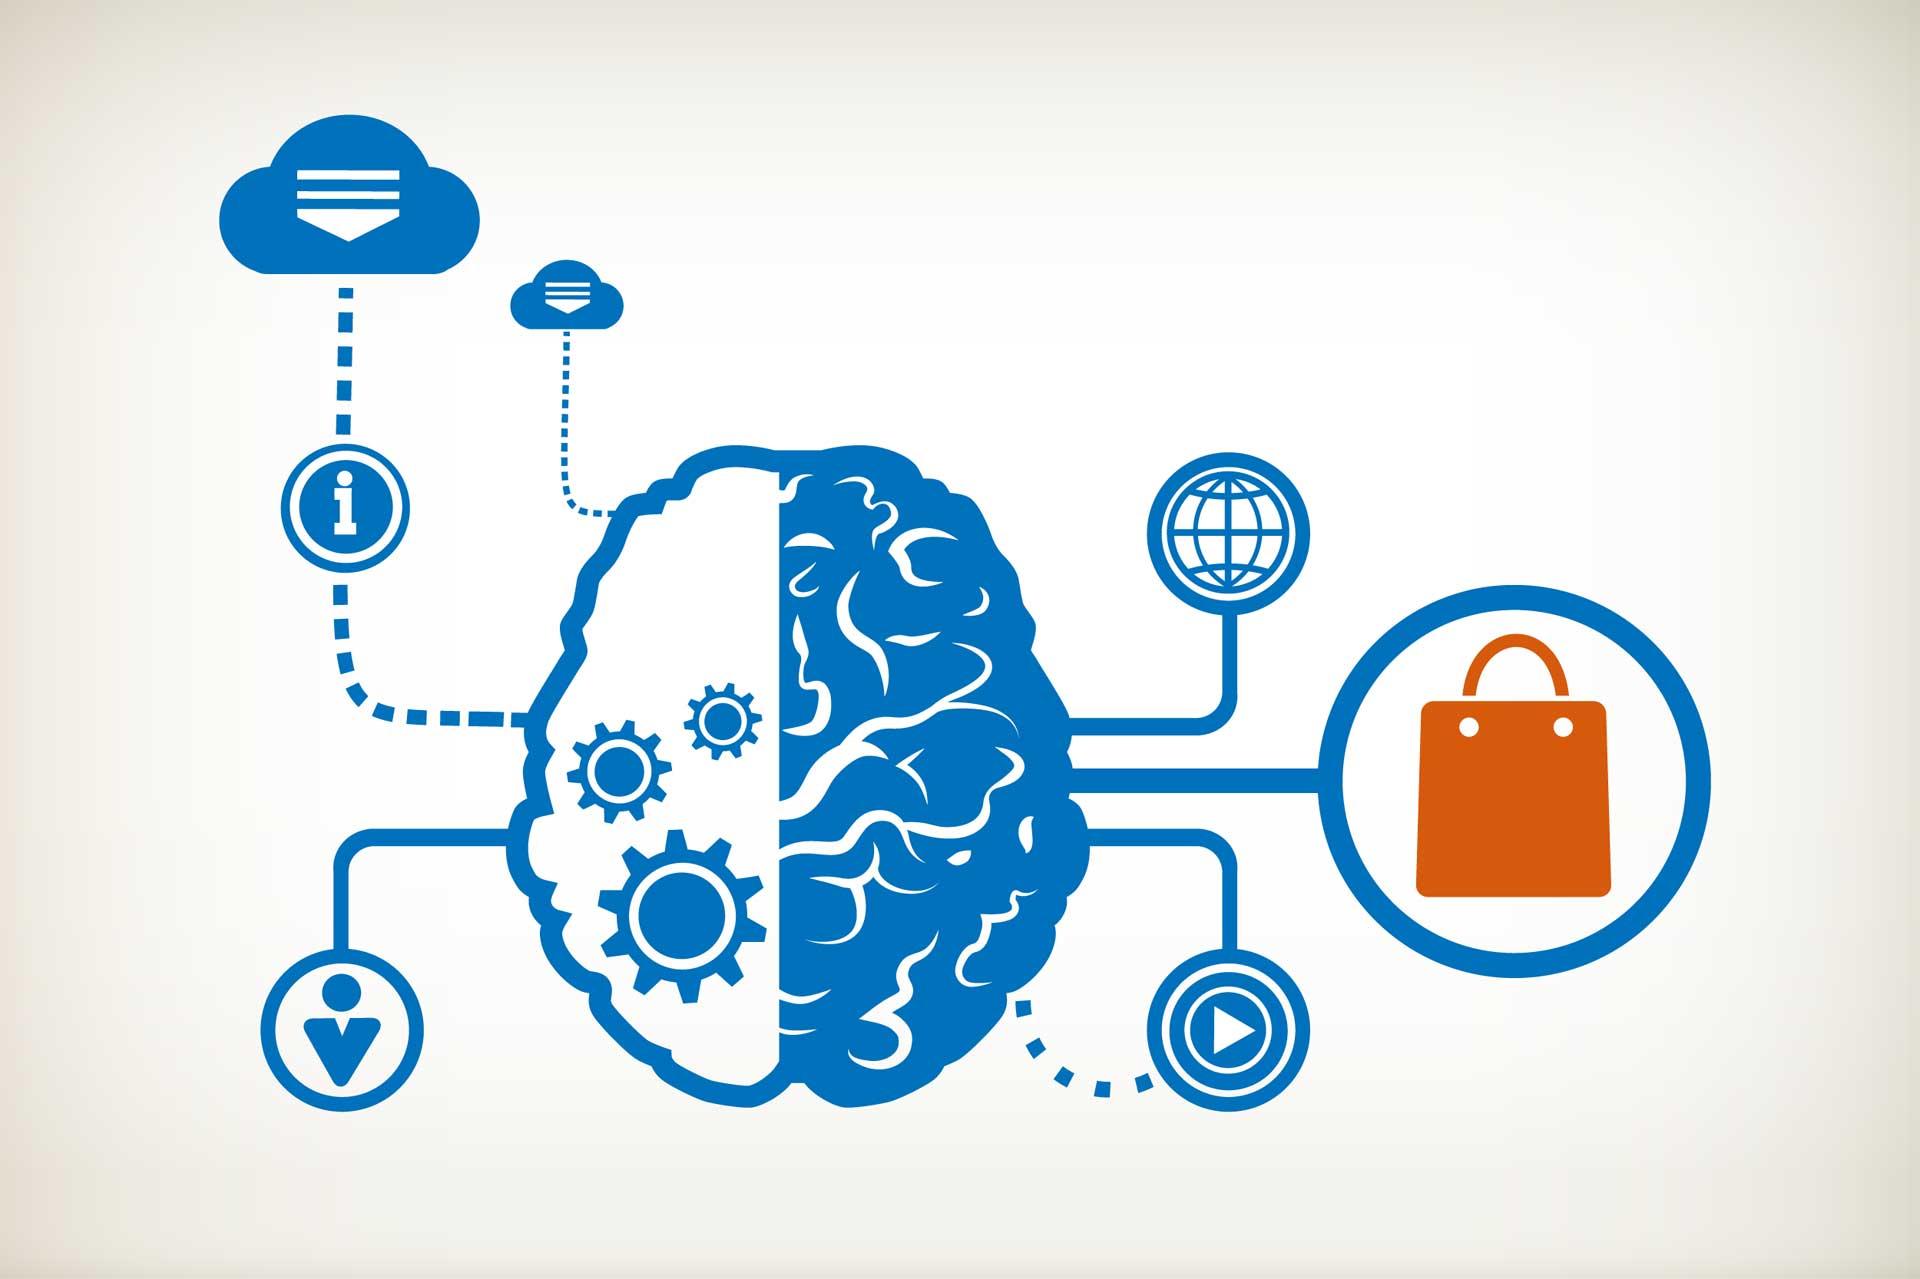 روانشناسی بازار: اولین گام برای معامله گری